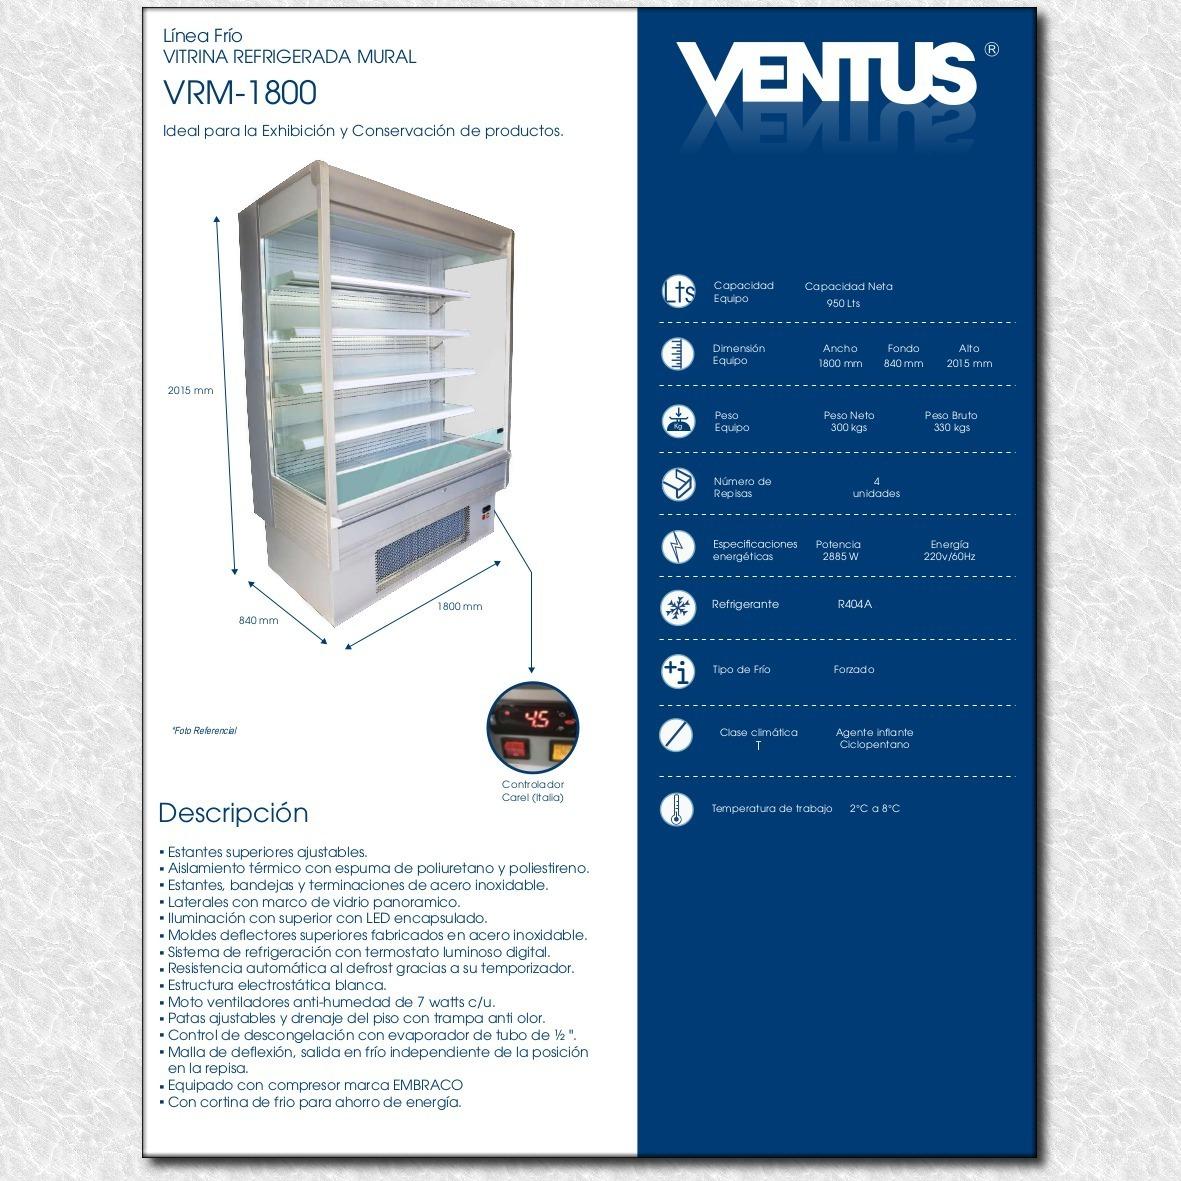 VENTUS VRM-1800